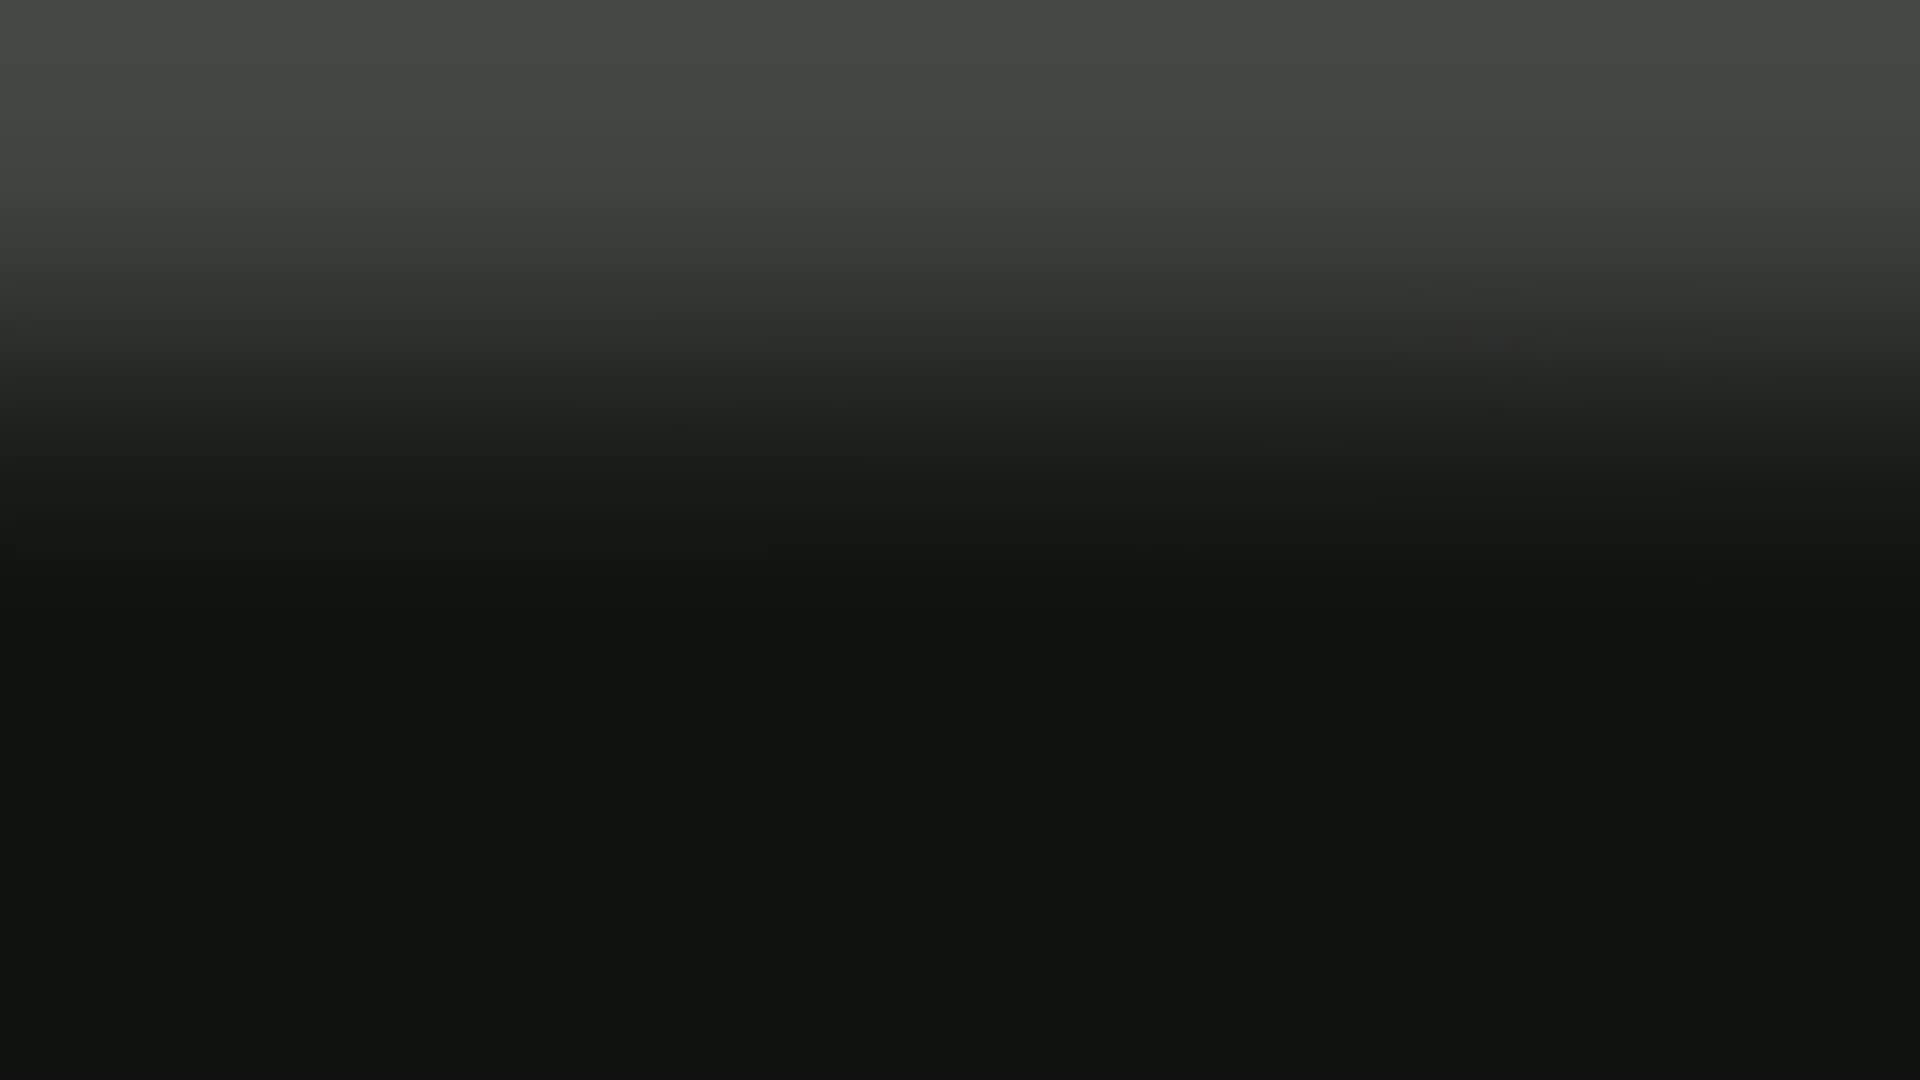 競泳水着にローションでベトベトSEX - 川西ゆき【騎乗位 立ちバック フェラ バック 正常位 中出し 掃除フェラ】